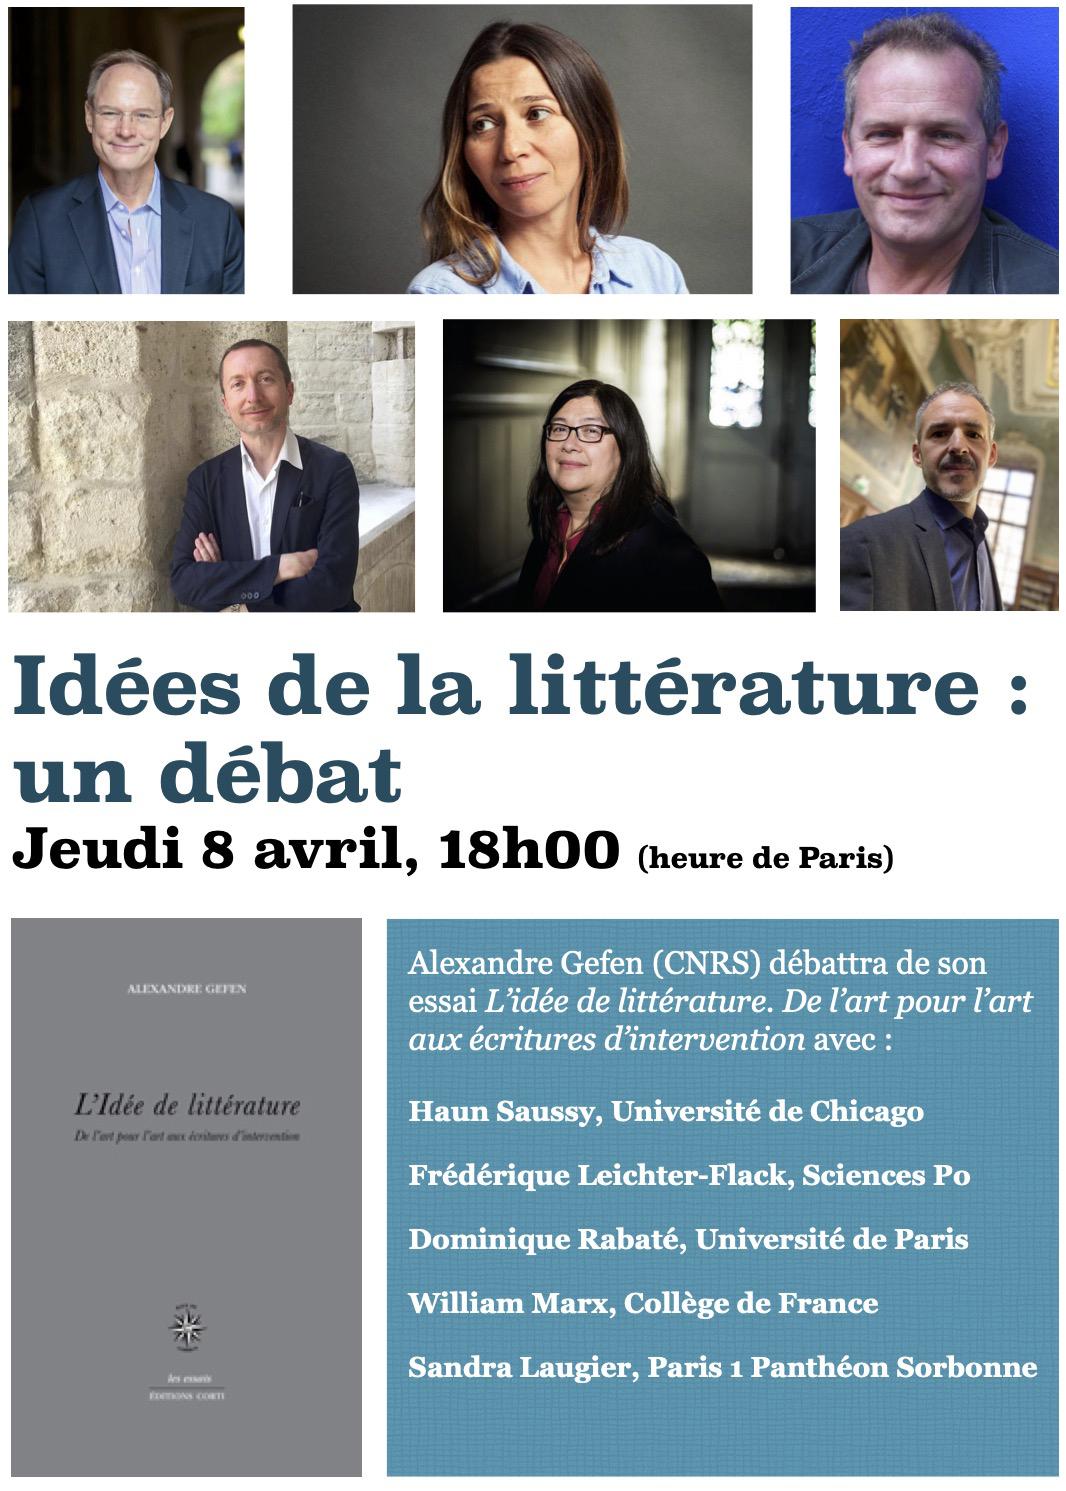 Idées de la littérature : un débat